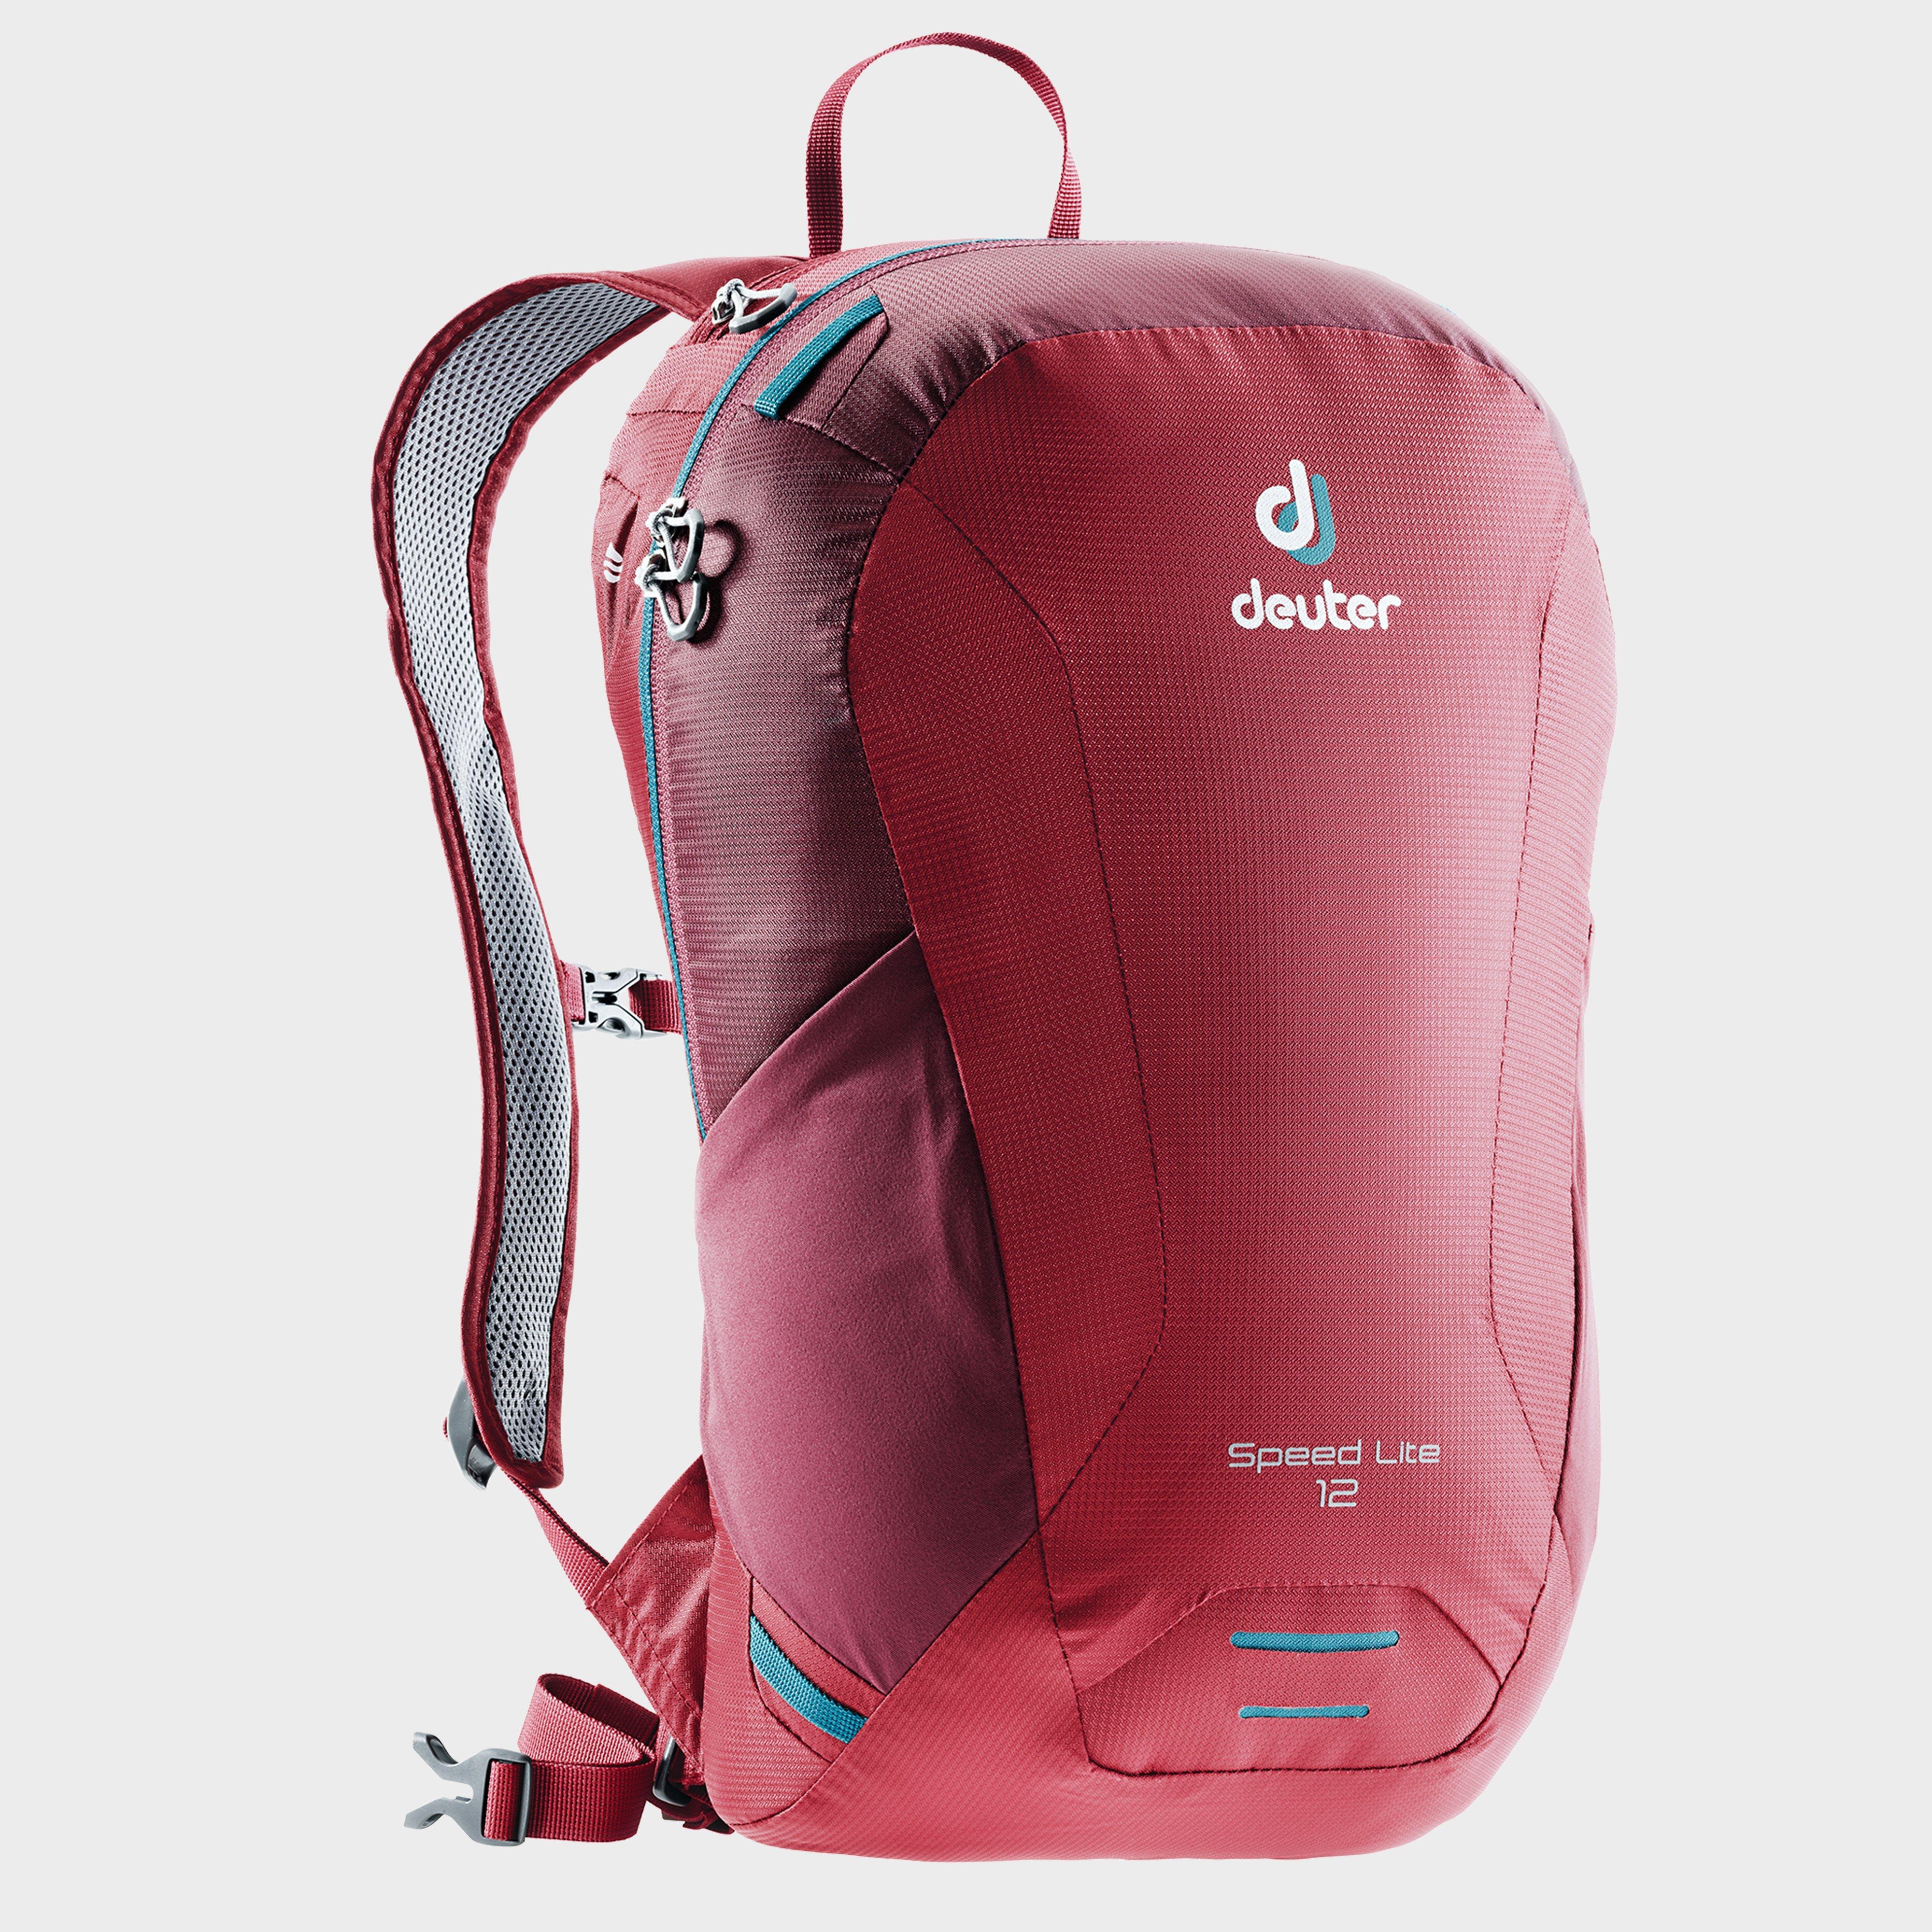 Deuter Deuter Speed Lite 12 Daypack - Red, Red